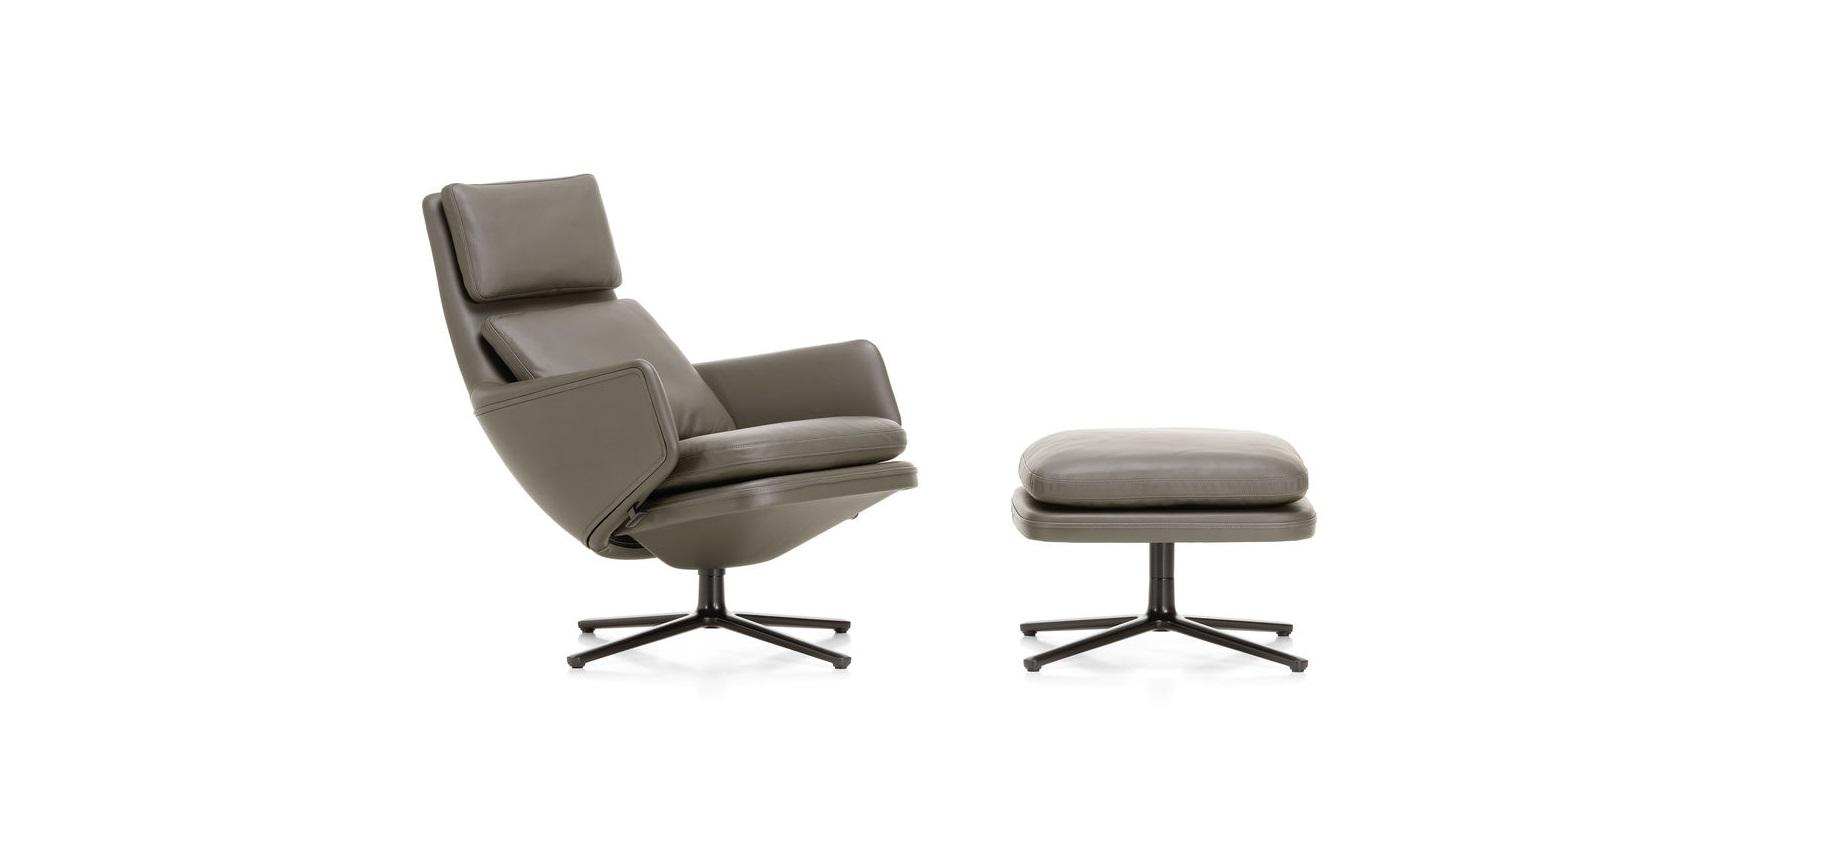 Grand relax combinatie grey leather.jpg